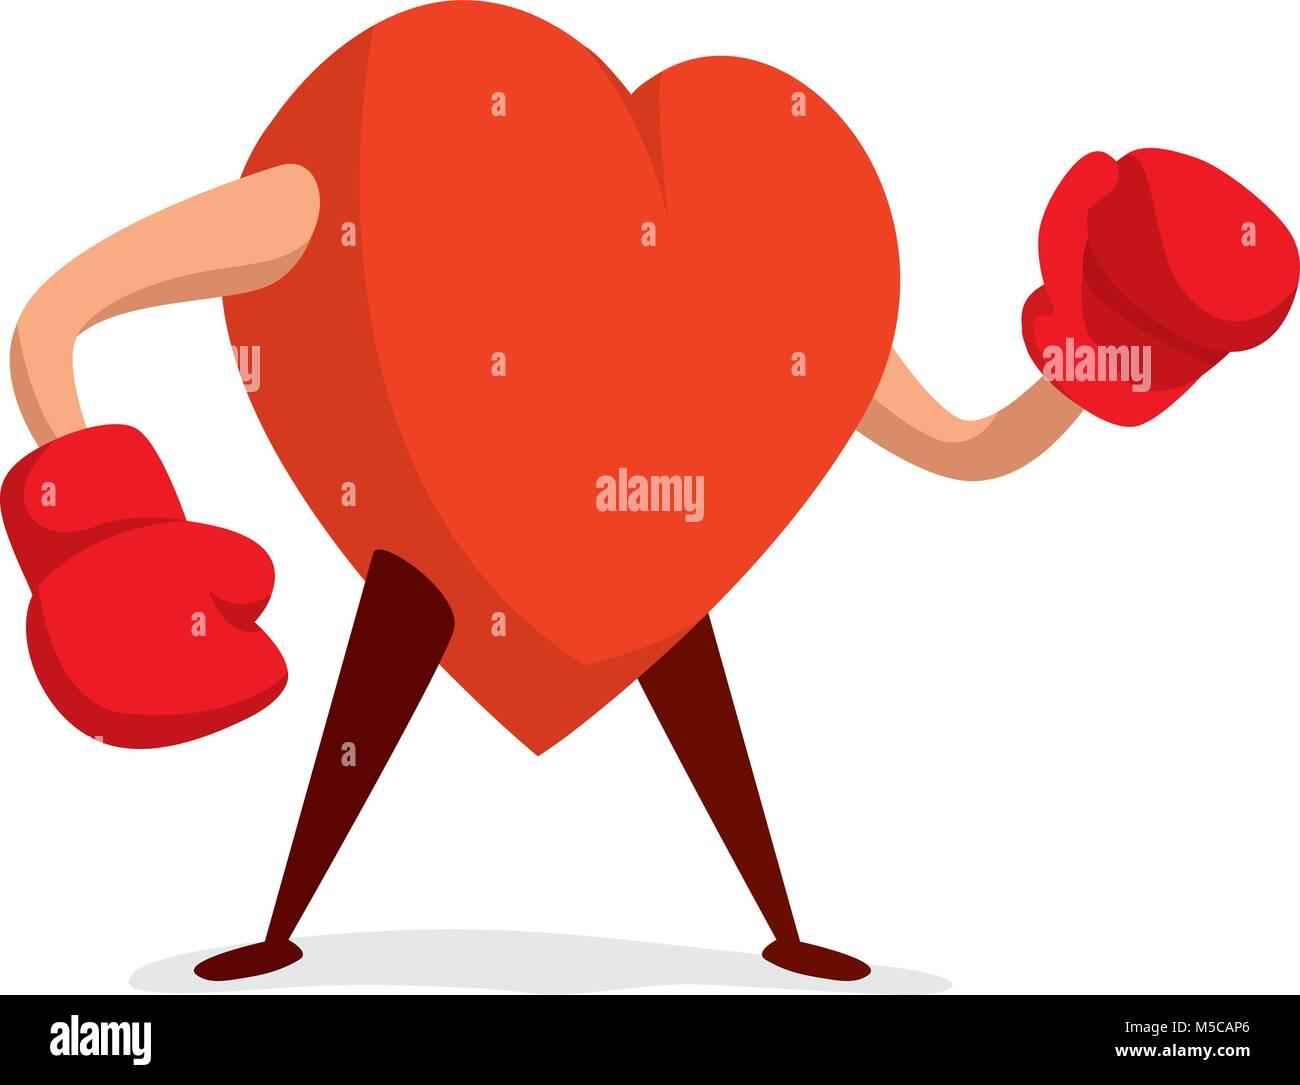 ilustración de dibujos animados de corazón duro con guantes de boxeo